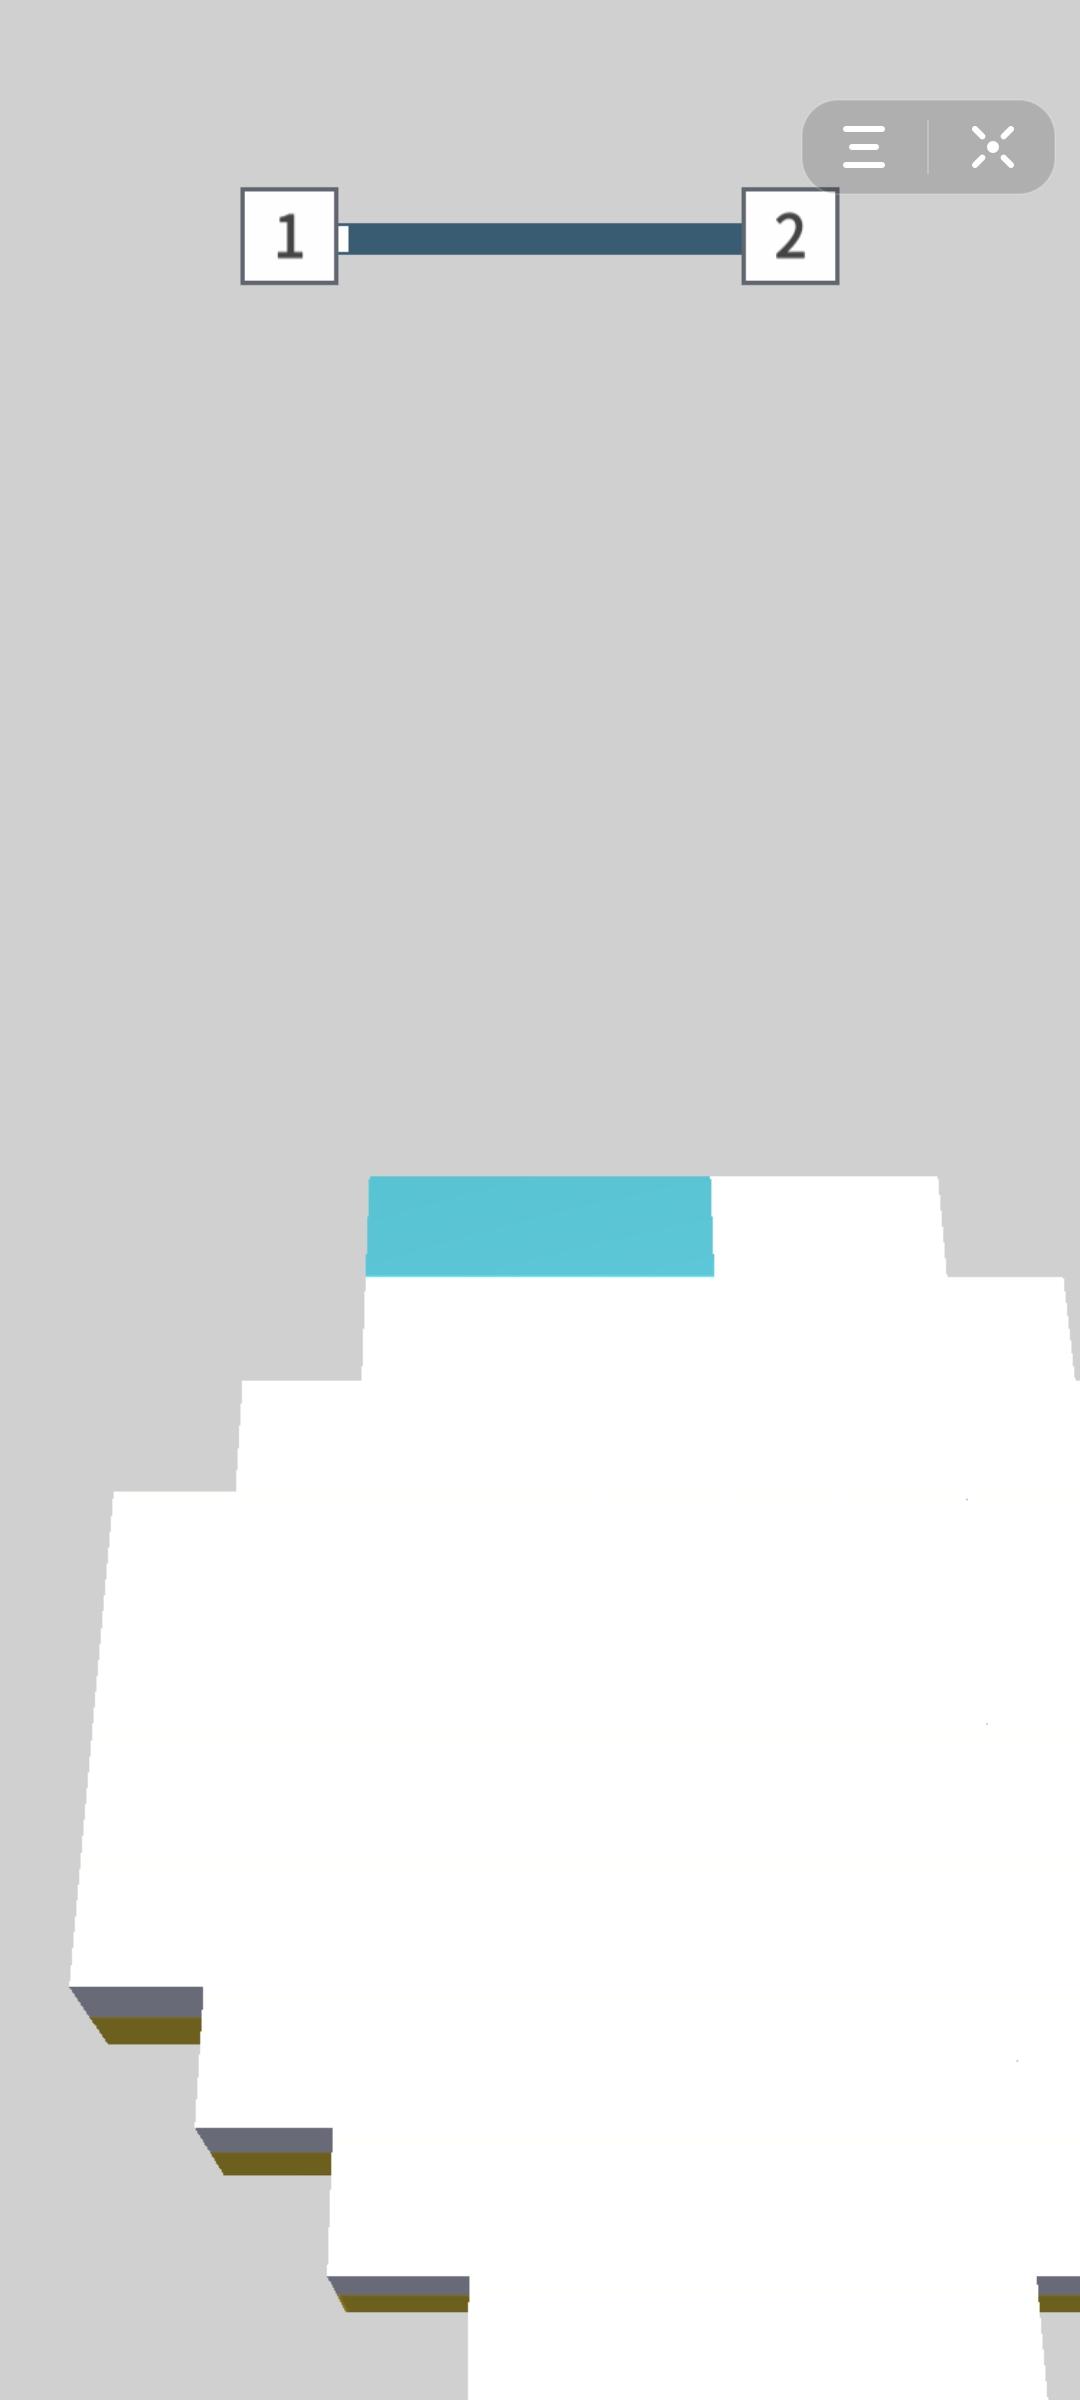 抖音小程序立体折纸方块翻翻乐游戏官方版图1: